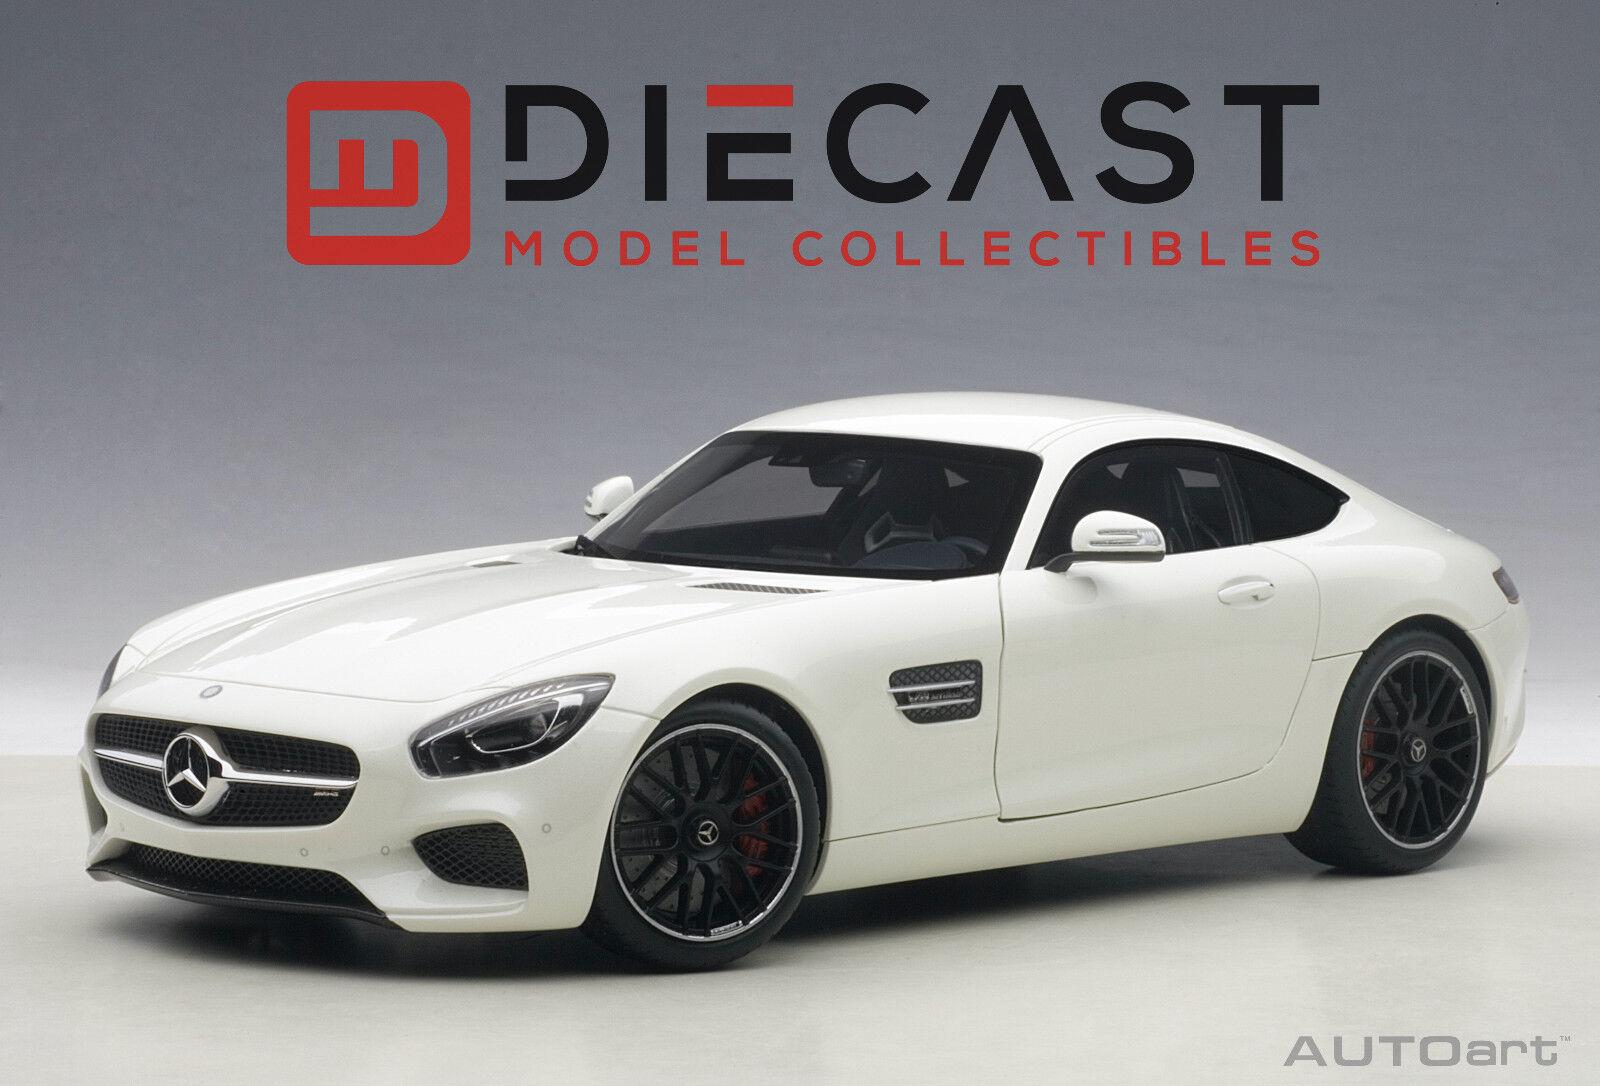 contatore genuino AUTOart 76311 Mercedes-AMG GT S (Designo (Designo (Designo Diamond bianca Bright) 1 18TH Scale  nuovo sadico